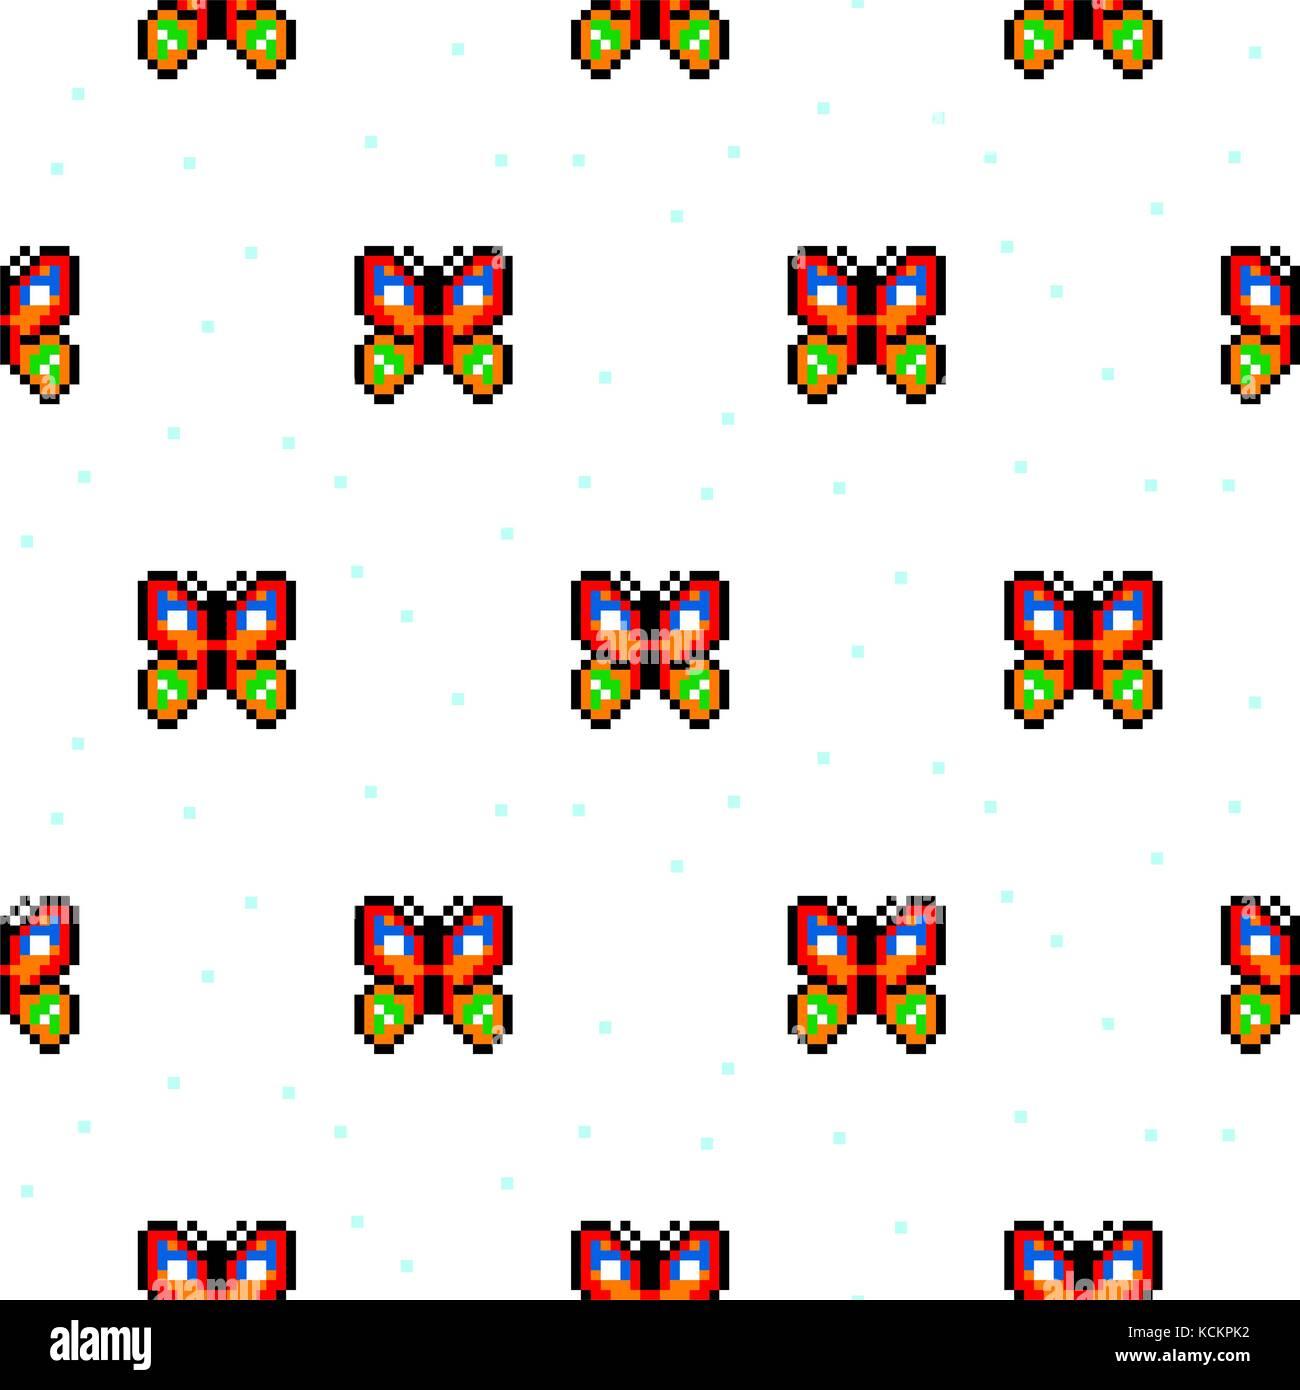 Dessin Animé Papillon Lumineux Pixel Art Modèle Homogène Vecteurs Et